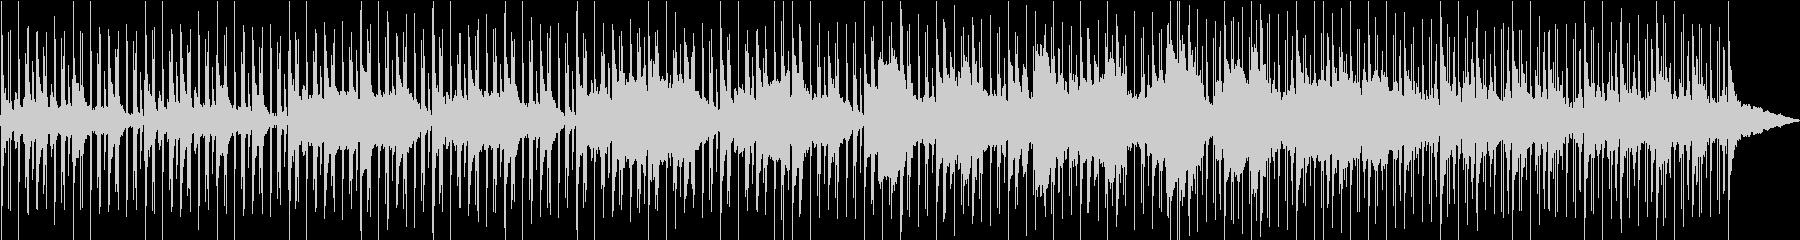 ワールド 民族 現代の交響曲 前衛...の未再生の波形